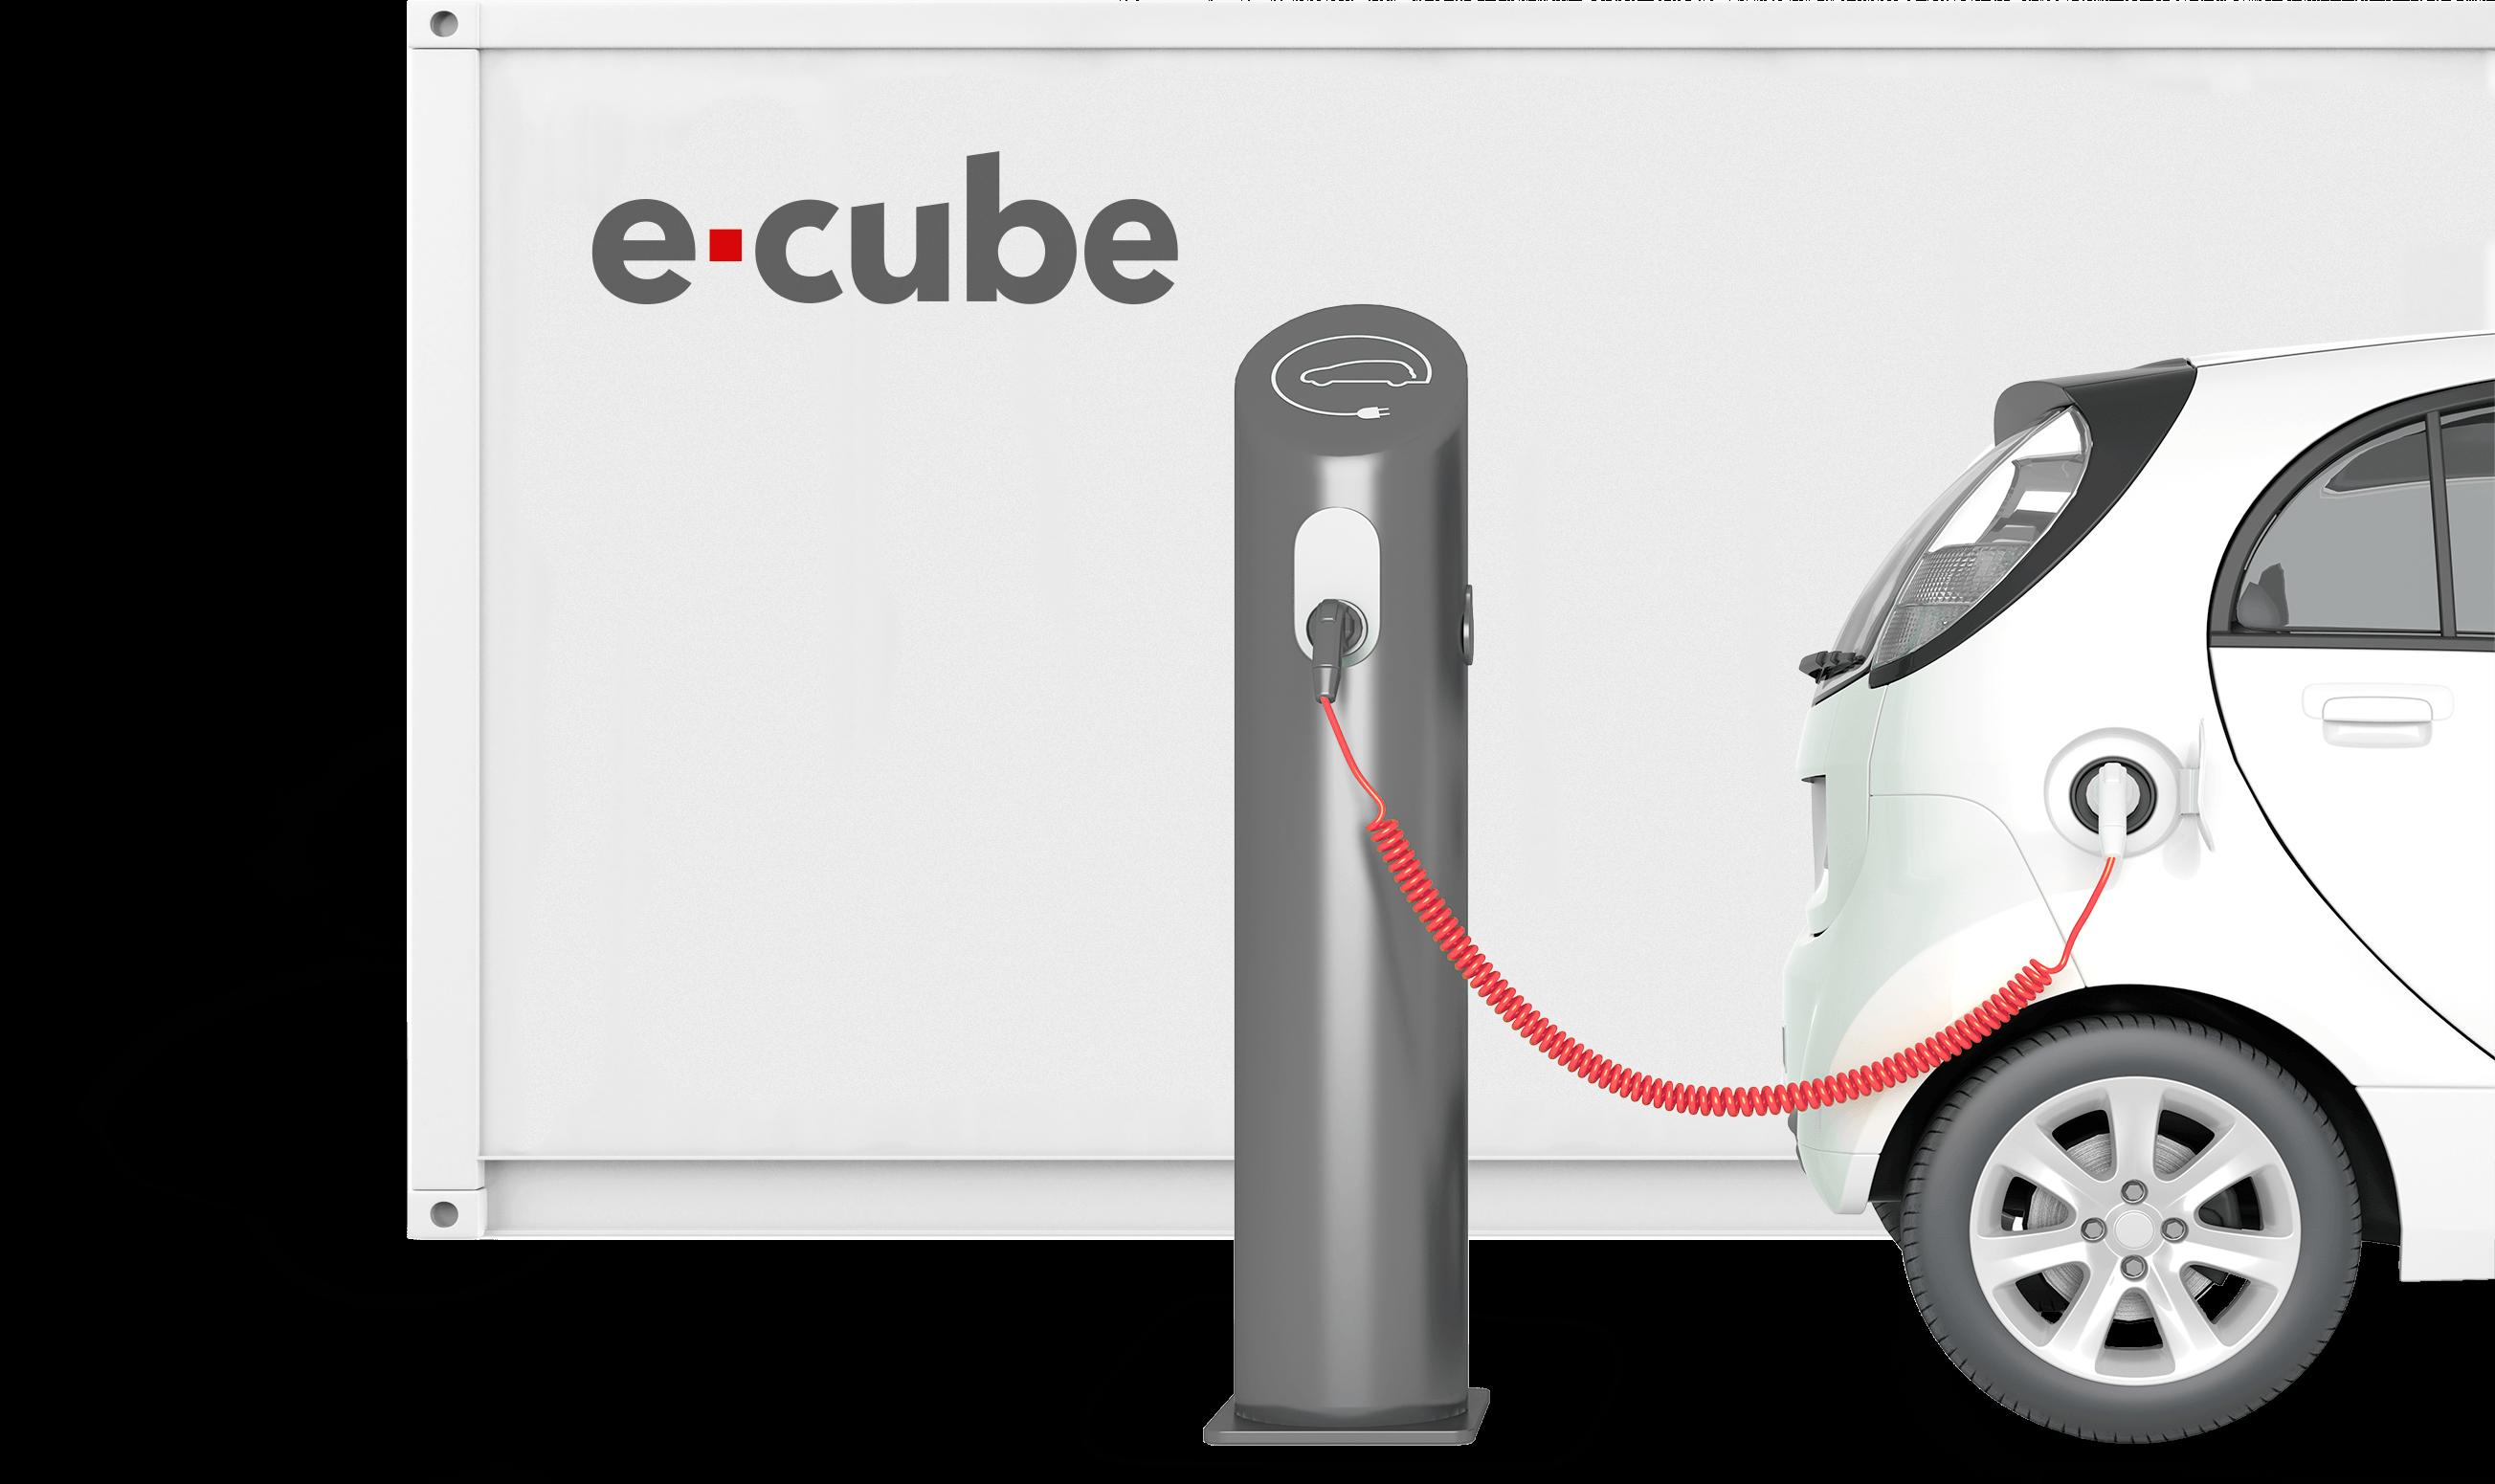 eCUBE mit einer Ladesäle und einem Elektrofahrzeug